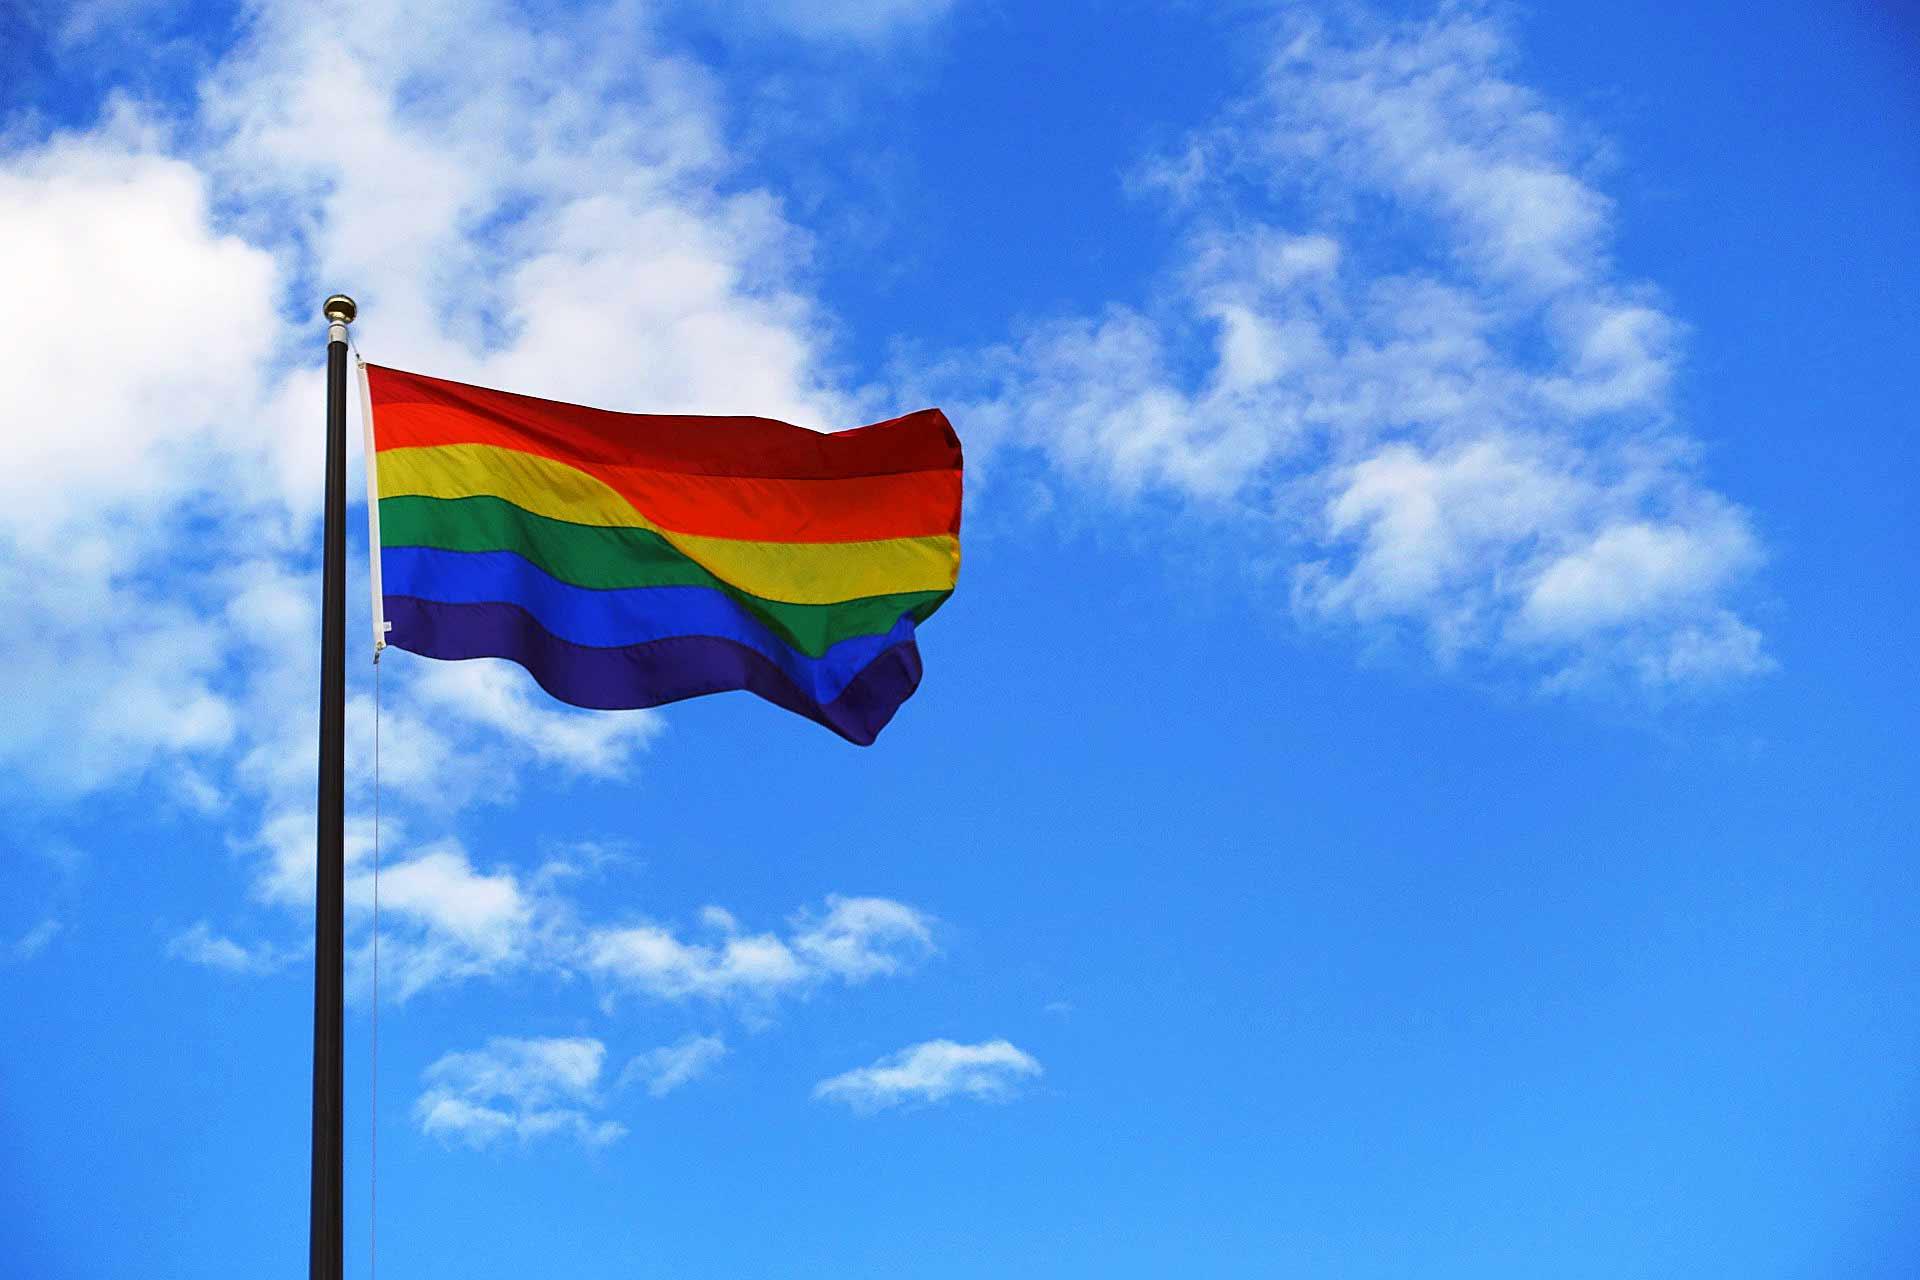 Gewalt gegen Schwule, Lesben und Transmenschen darf nicht so weitergehen copyright: pixabay.com